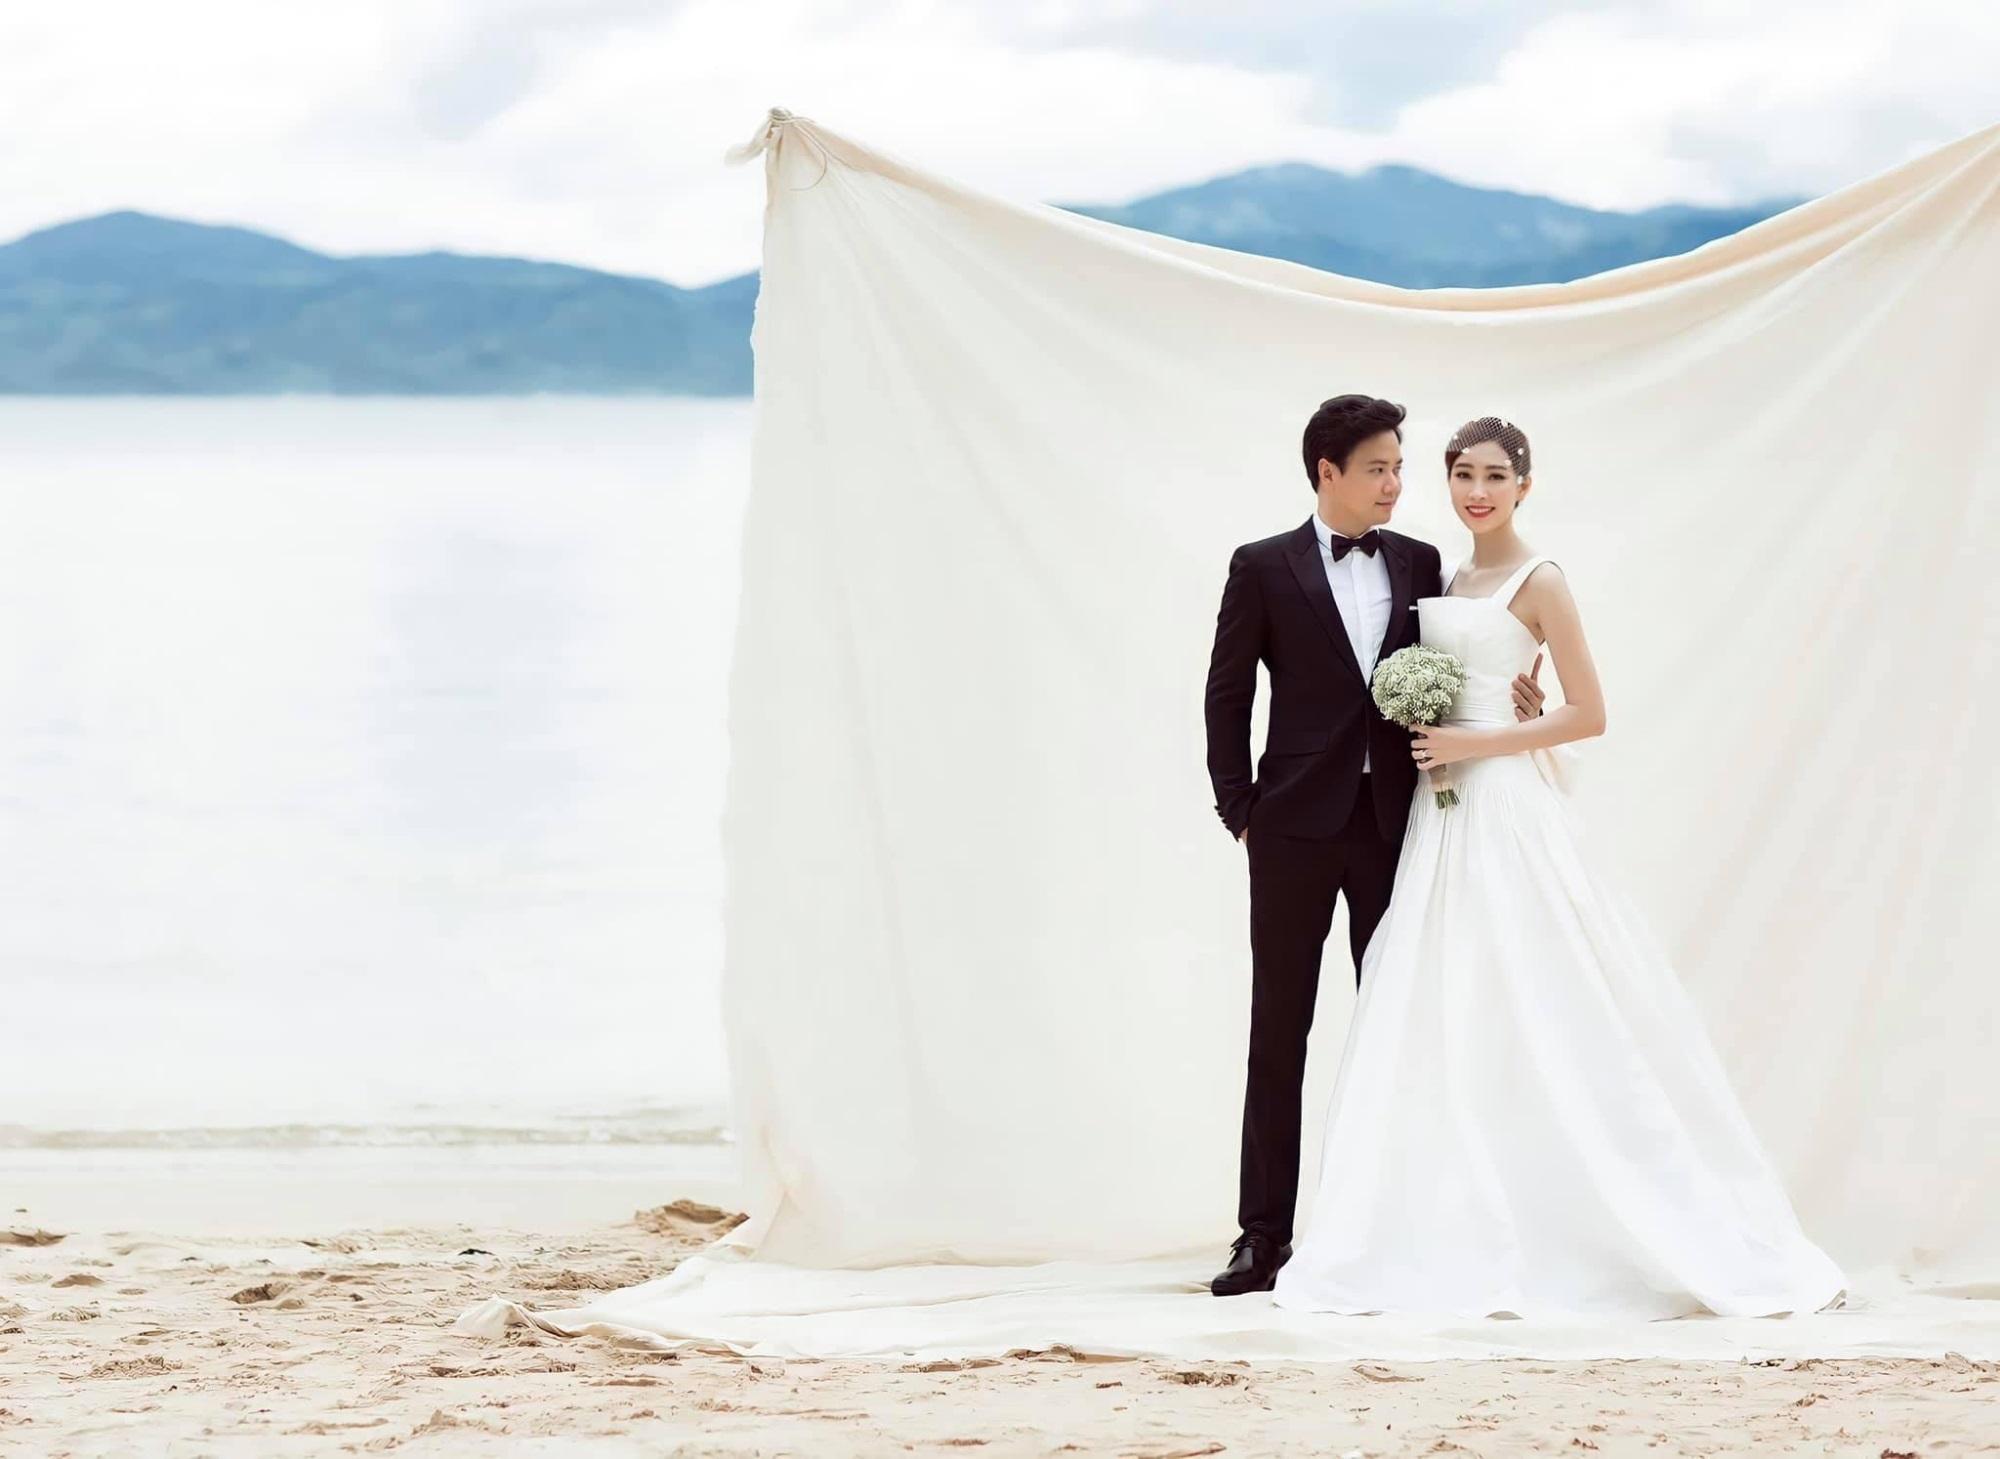 Cưới nhau 4 năm nhưng lần đầu tiên Hoa hậu Đặng Thu Thảo mới chia sẻ ảnh cưới, nhắc nhở chồng đại gia làm điều này mỗi năm - Ảnh 1